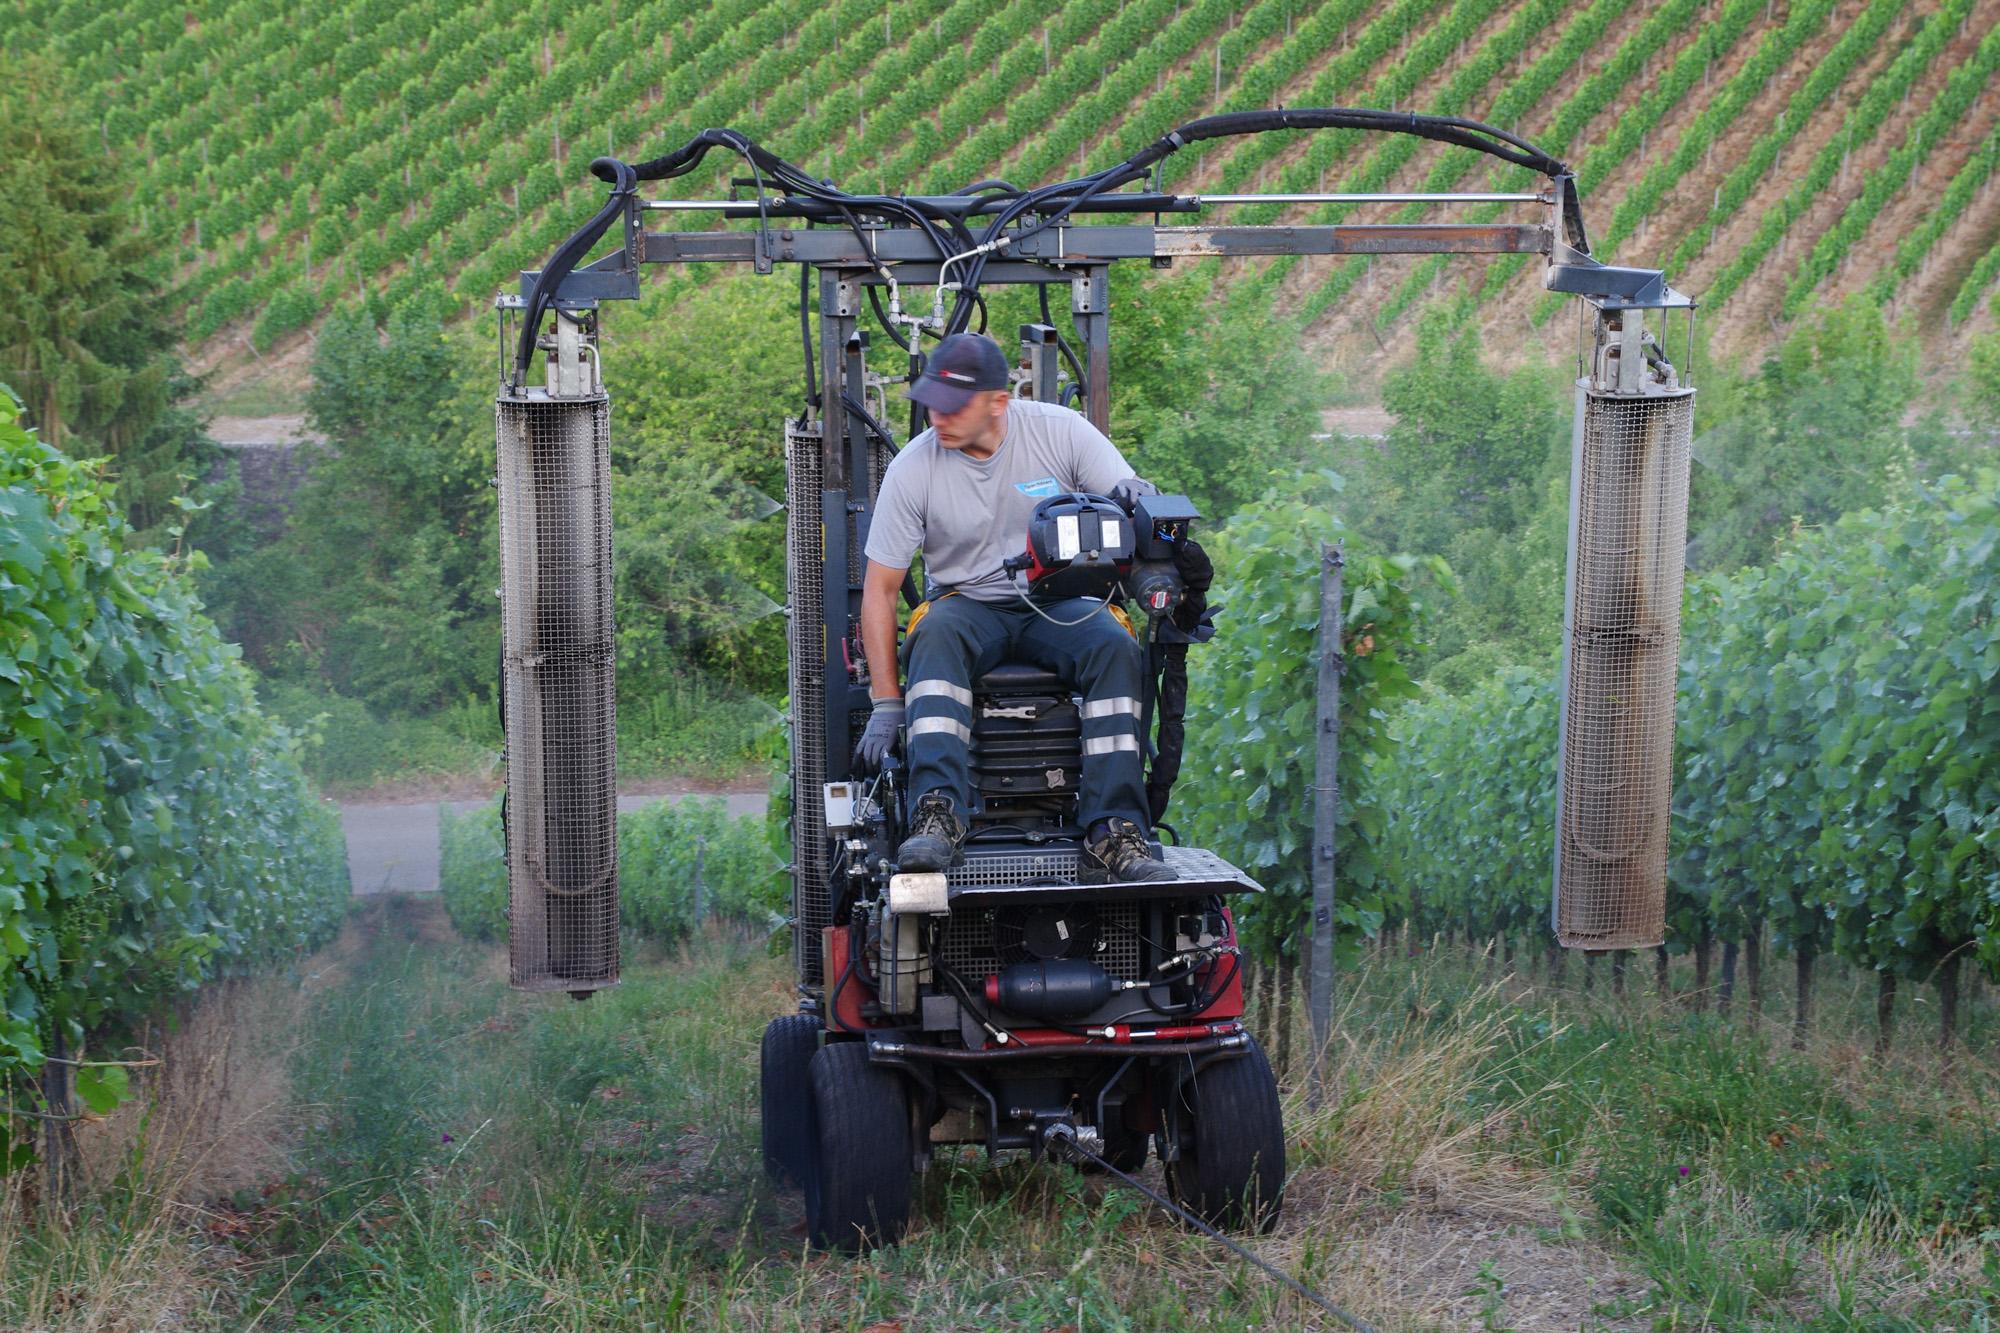 Steillagenmechanisierungssystem im Weinberg